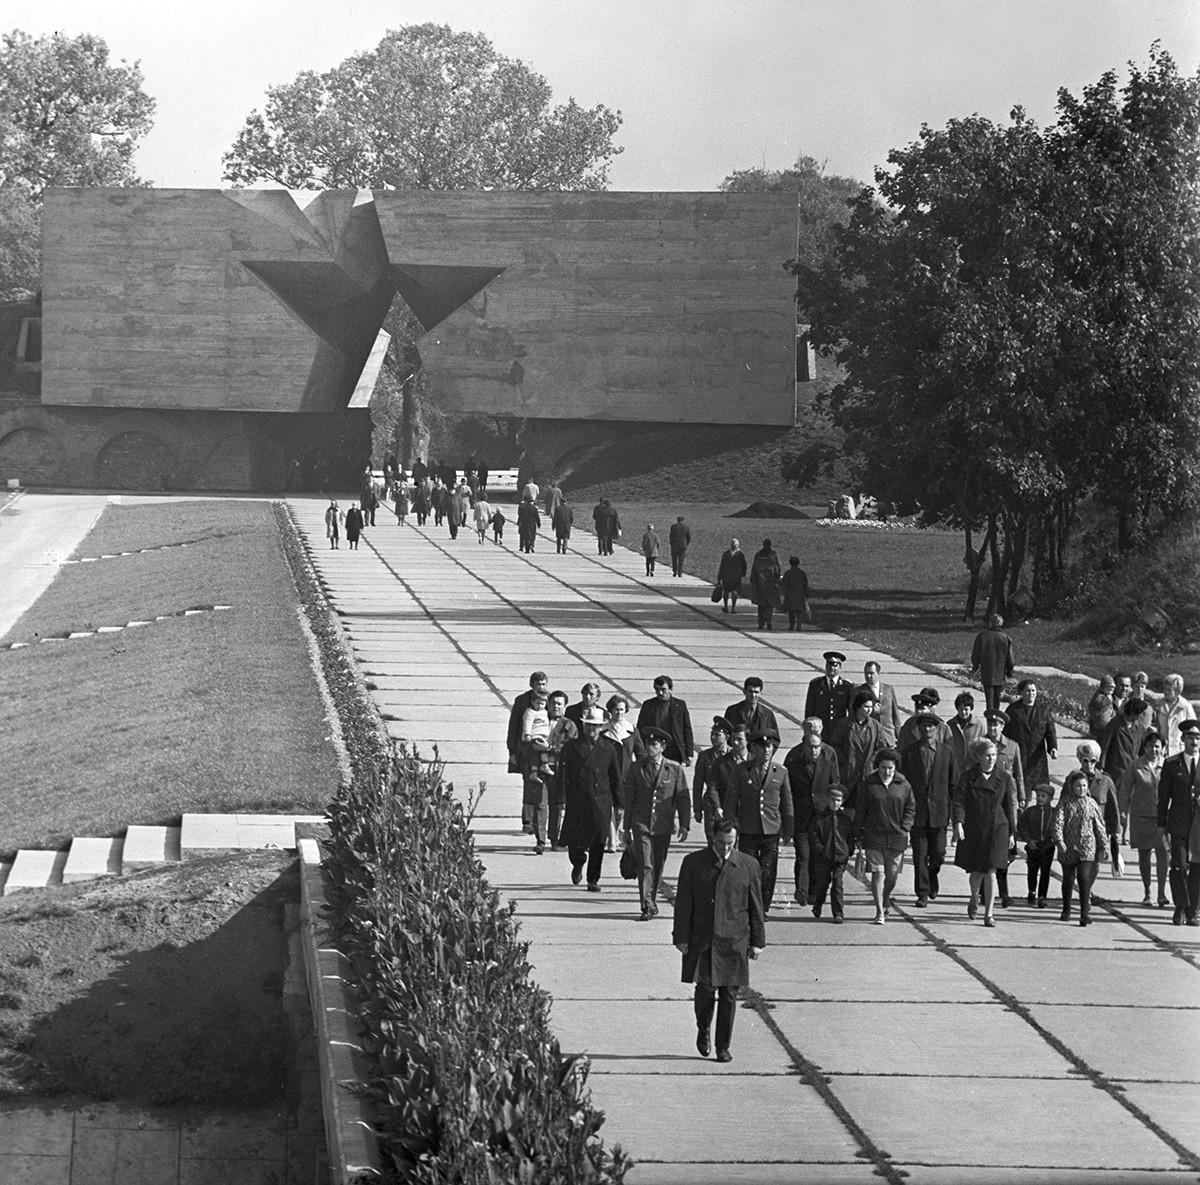 Zum Gedenken an den 30. Jahrestag des Beginns des Zweiten Weltkriegs wurde in der Festung Brest ein Gedenkkomplex eröffnet.